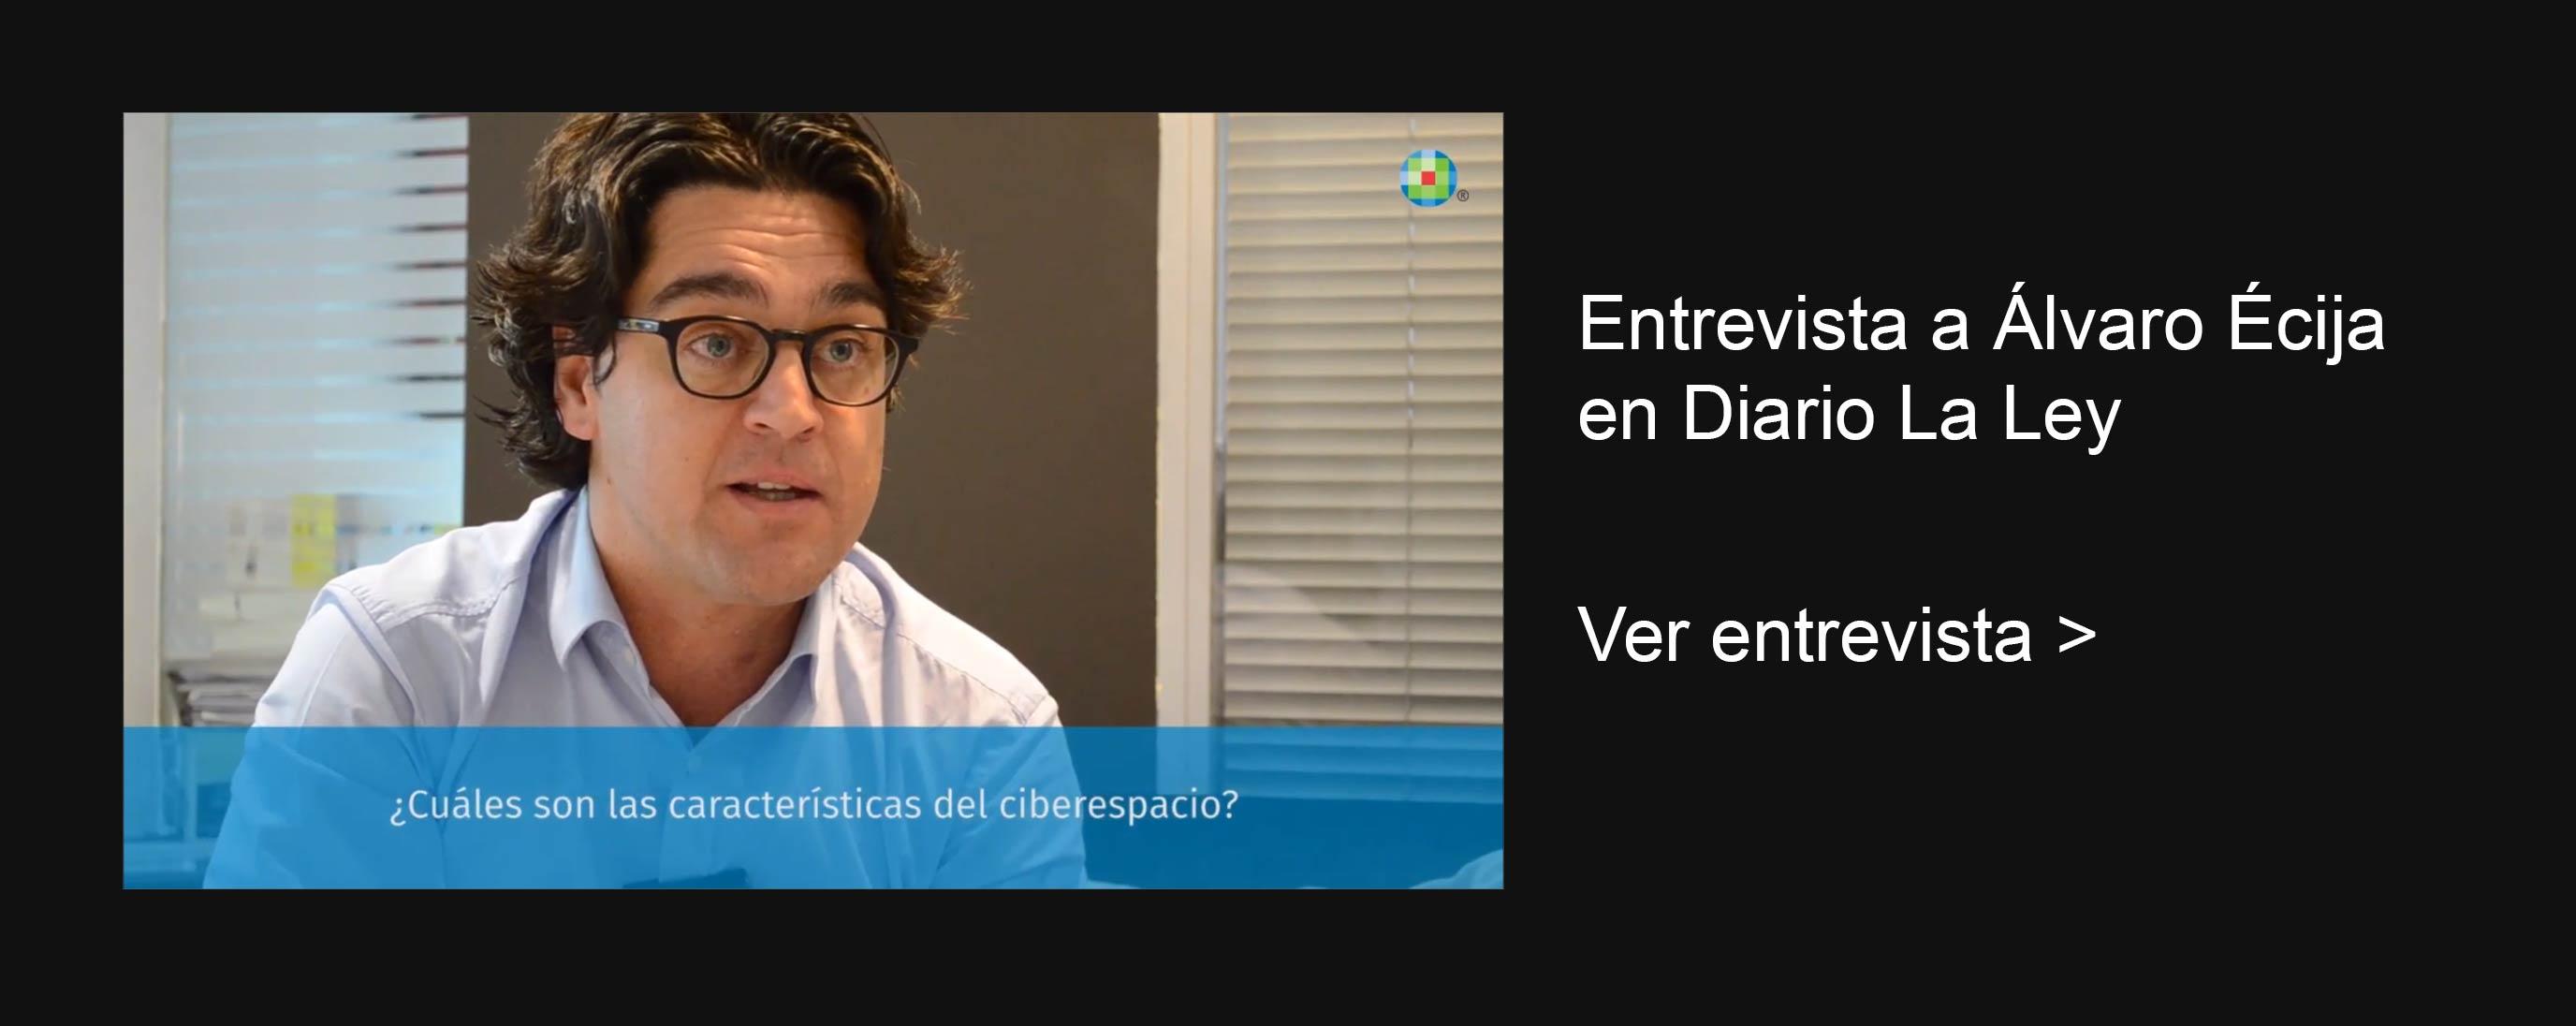 alvaro_ecija_entrevista_ciberespacio3